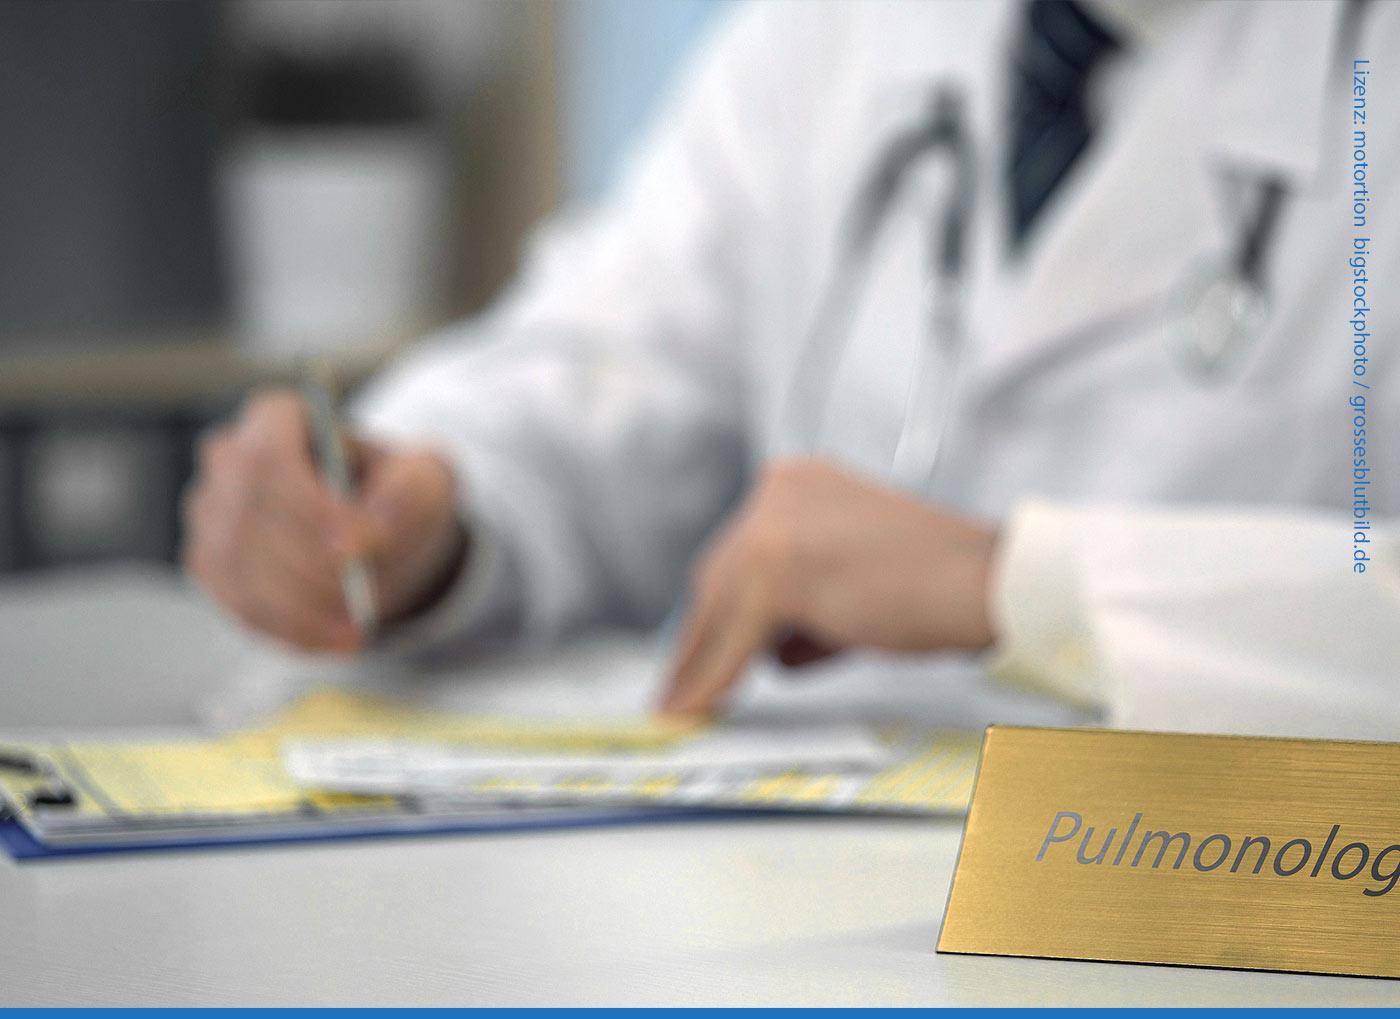 Facharzt Pneumologe, Pneumologie